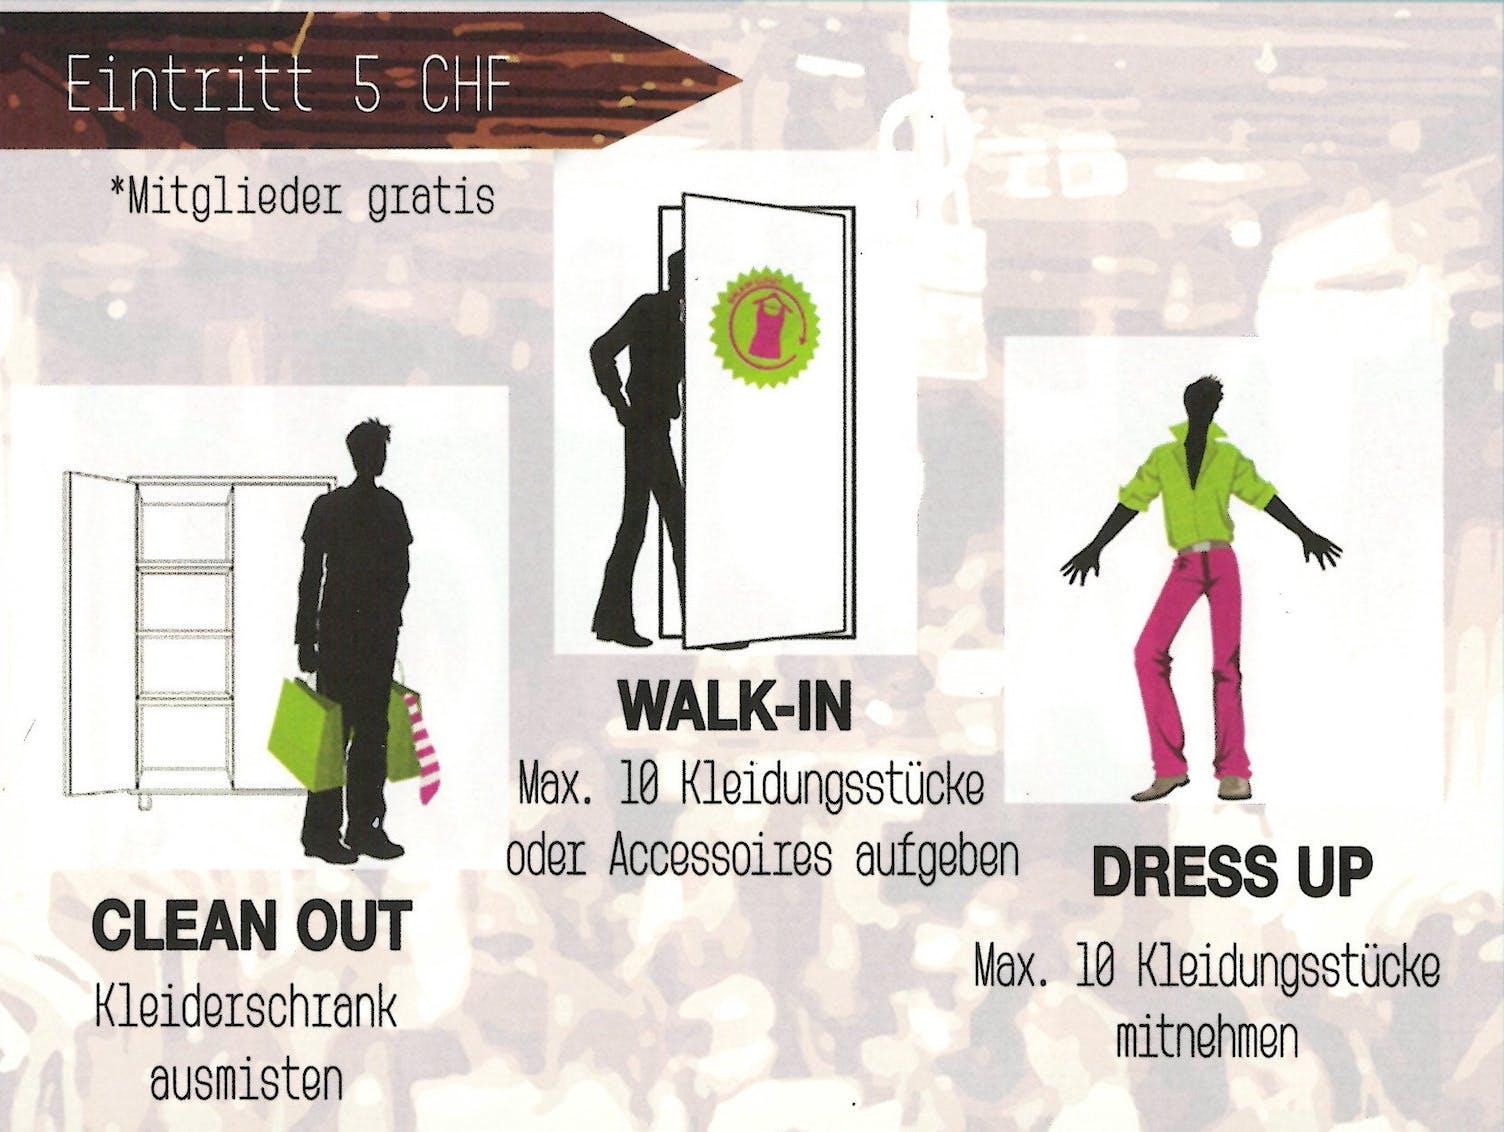 Kleider tauschen statt kaufen - Die Ostschweiz